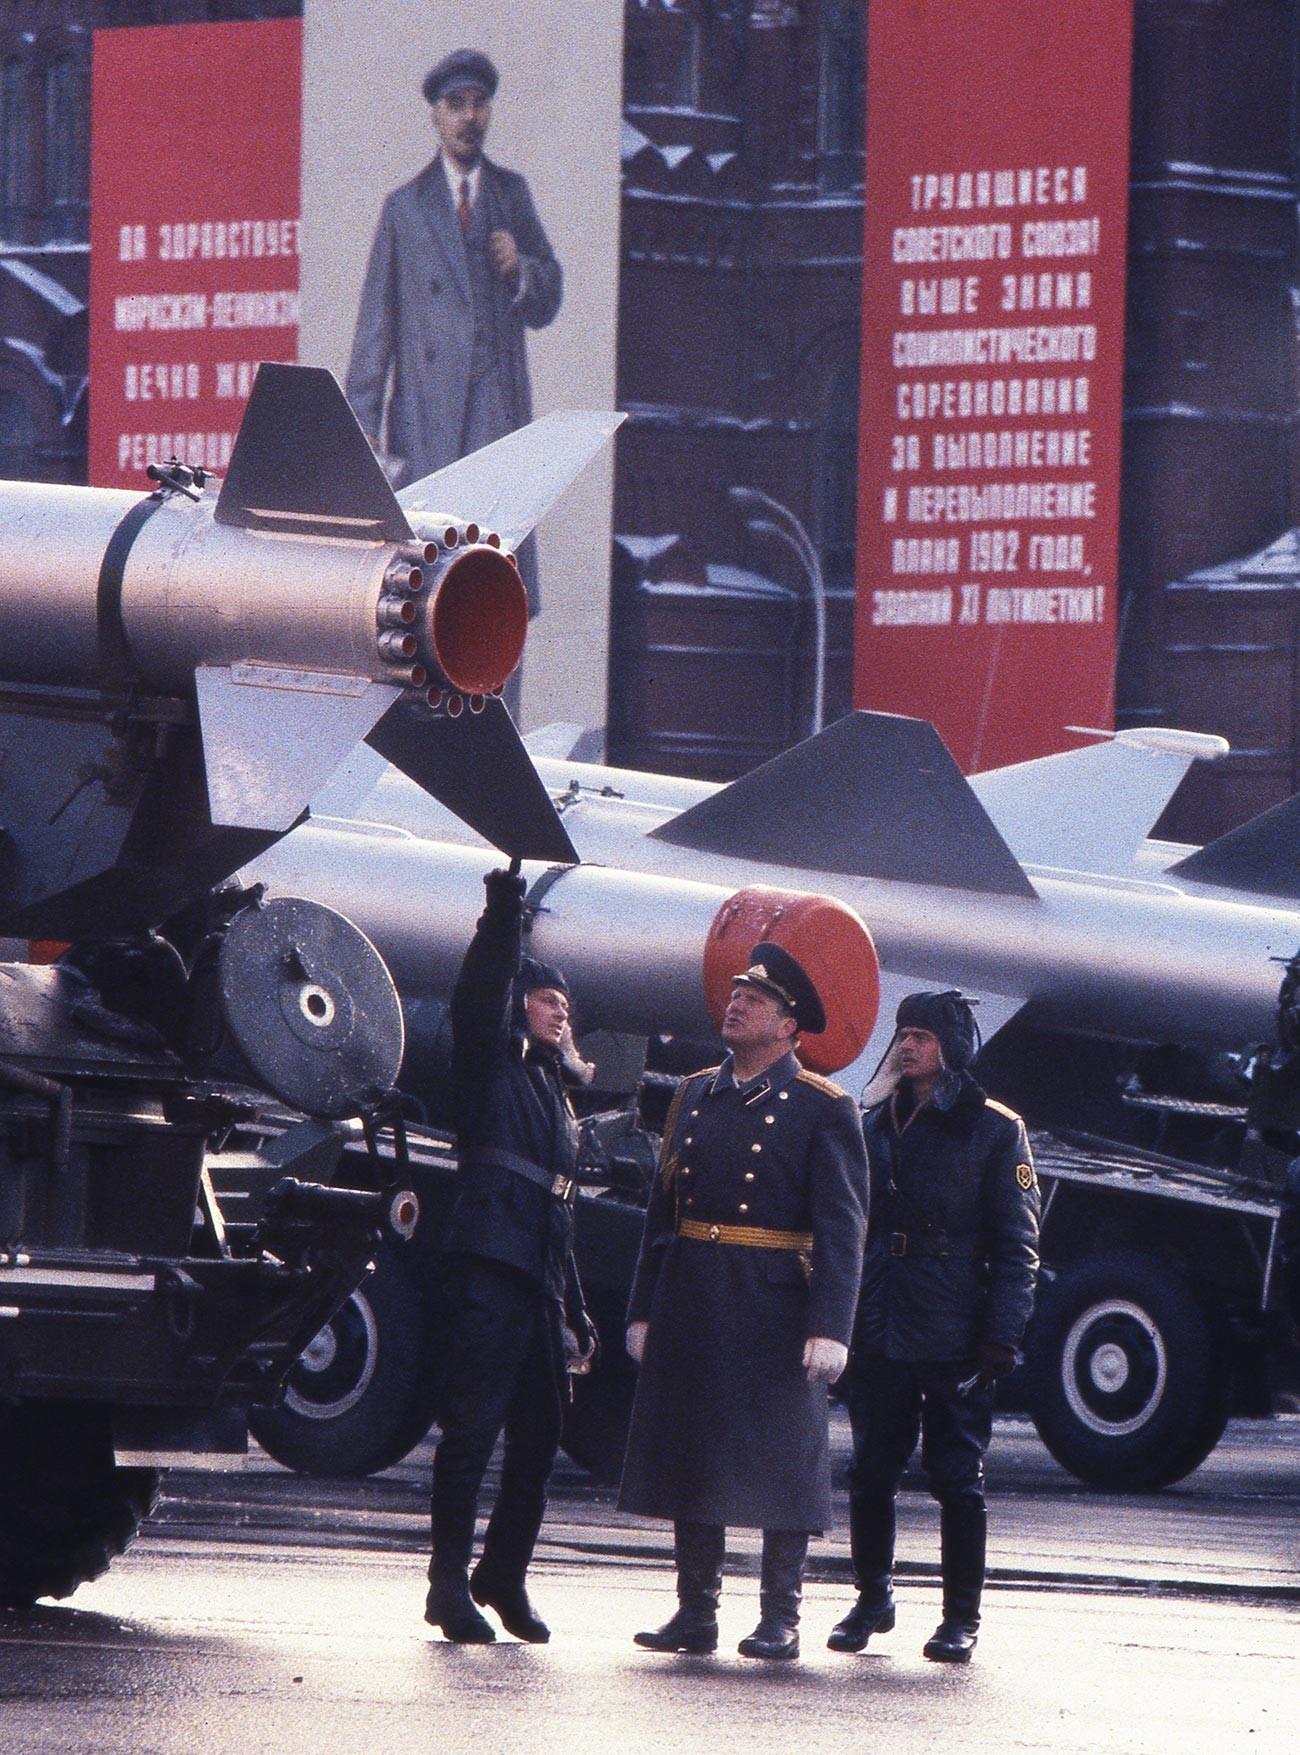 Častnik z vojaki med preverjanjem rakete pred začetkom parade